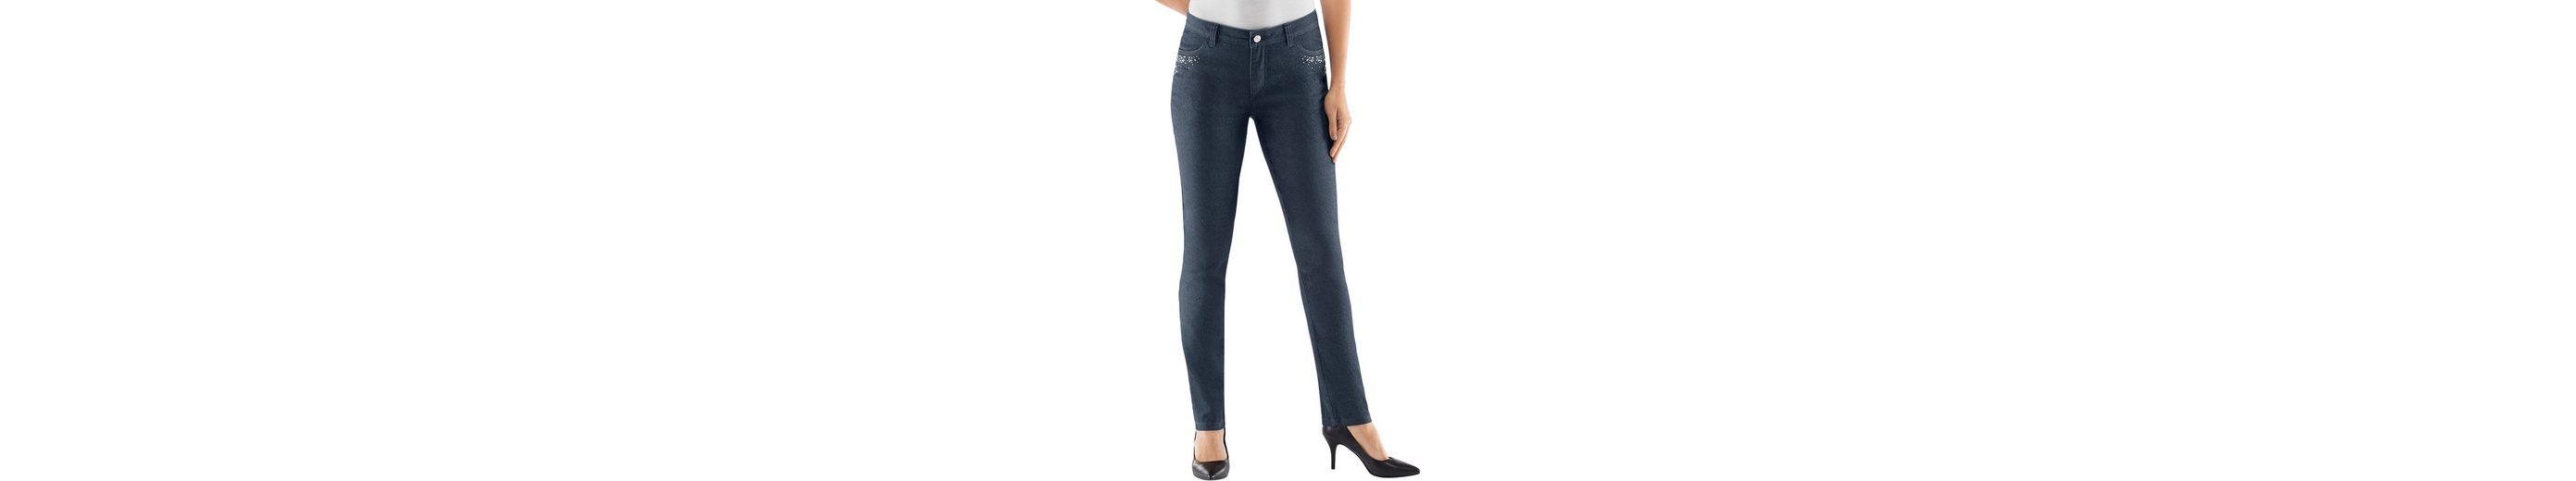 Lady Jeans mit aufgenähte Schmucksteinen Wählen Sie Eine Beste jKACbc94M